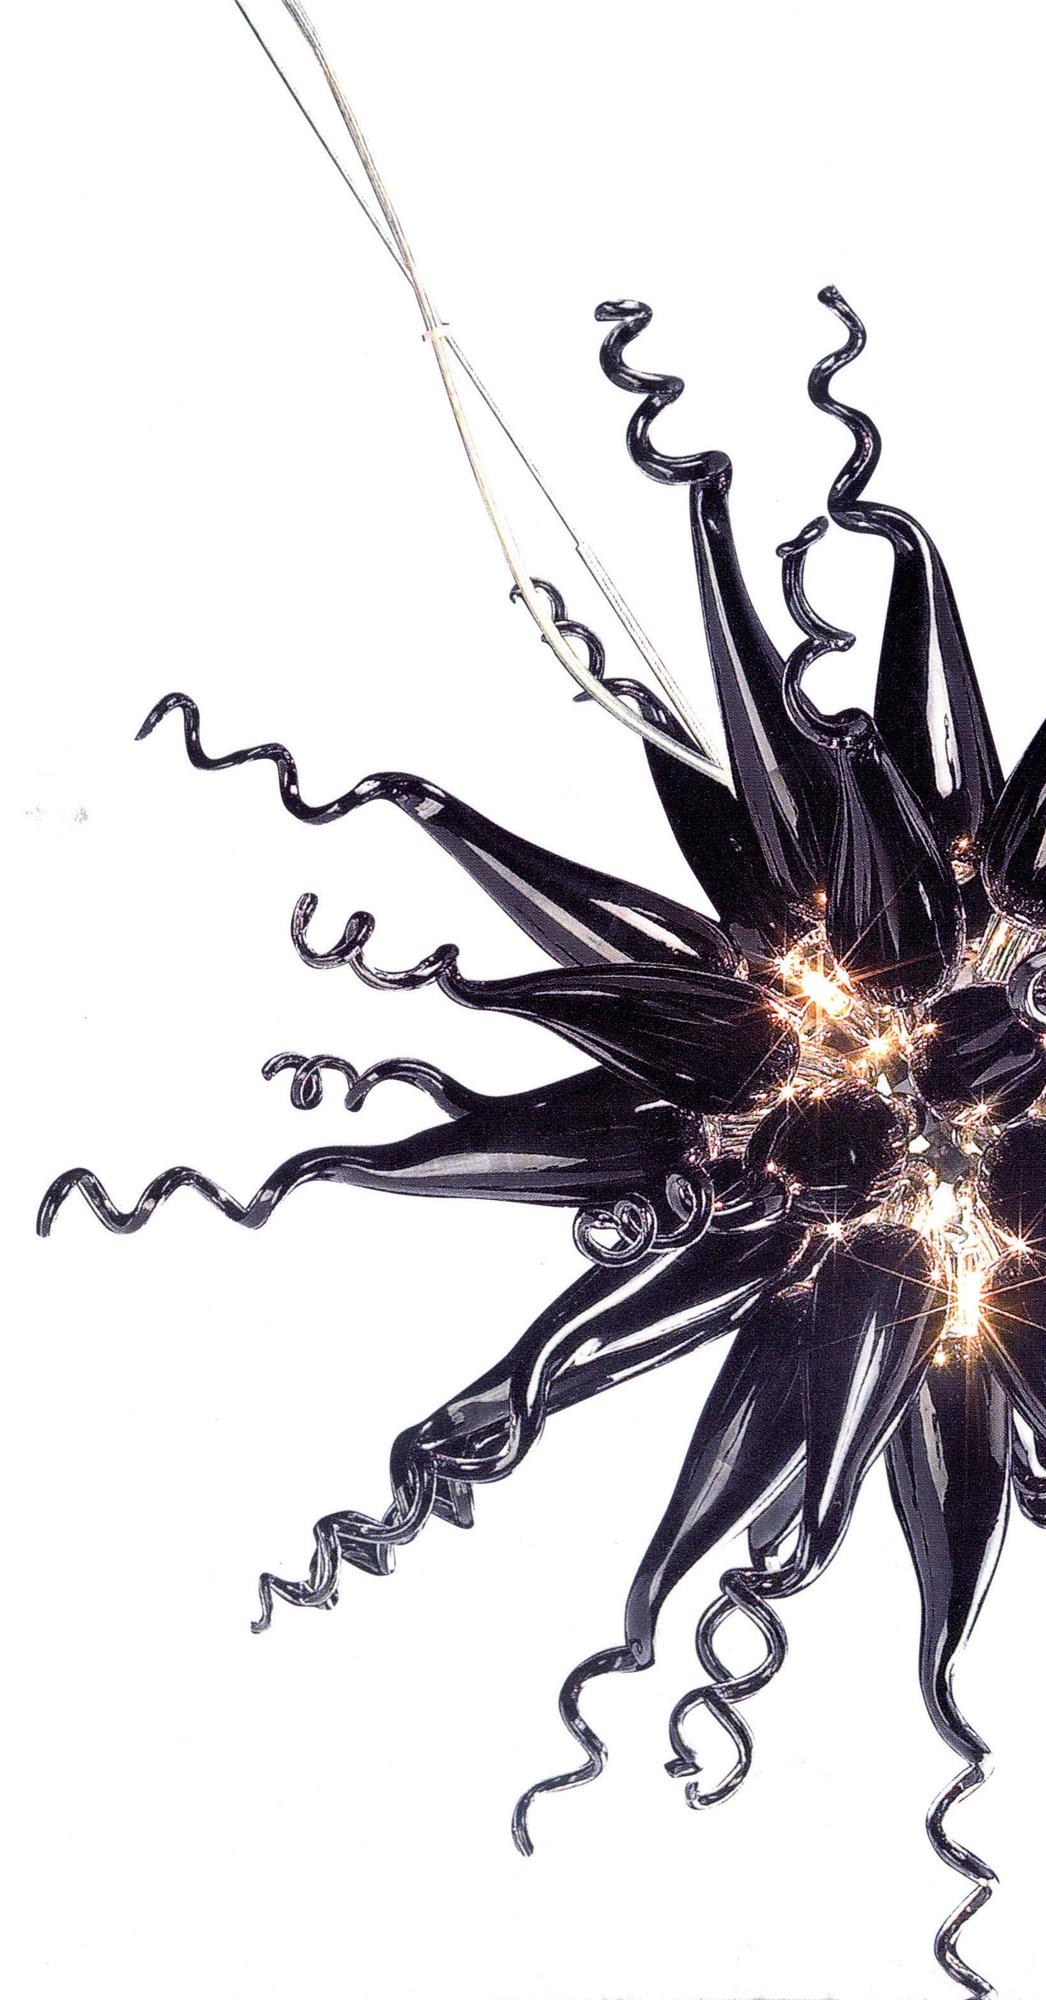 Lampenlux LED Pendellampe Hängeleuchte Luster Tamires 8 - flammig Glas G4